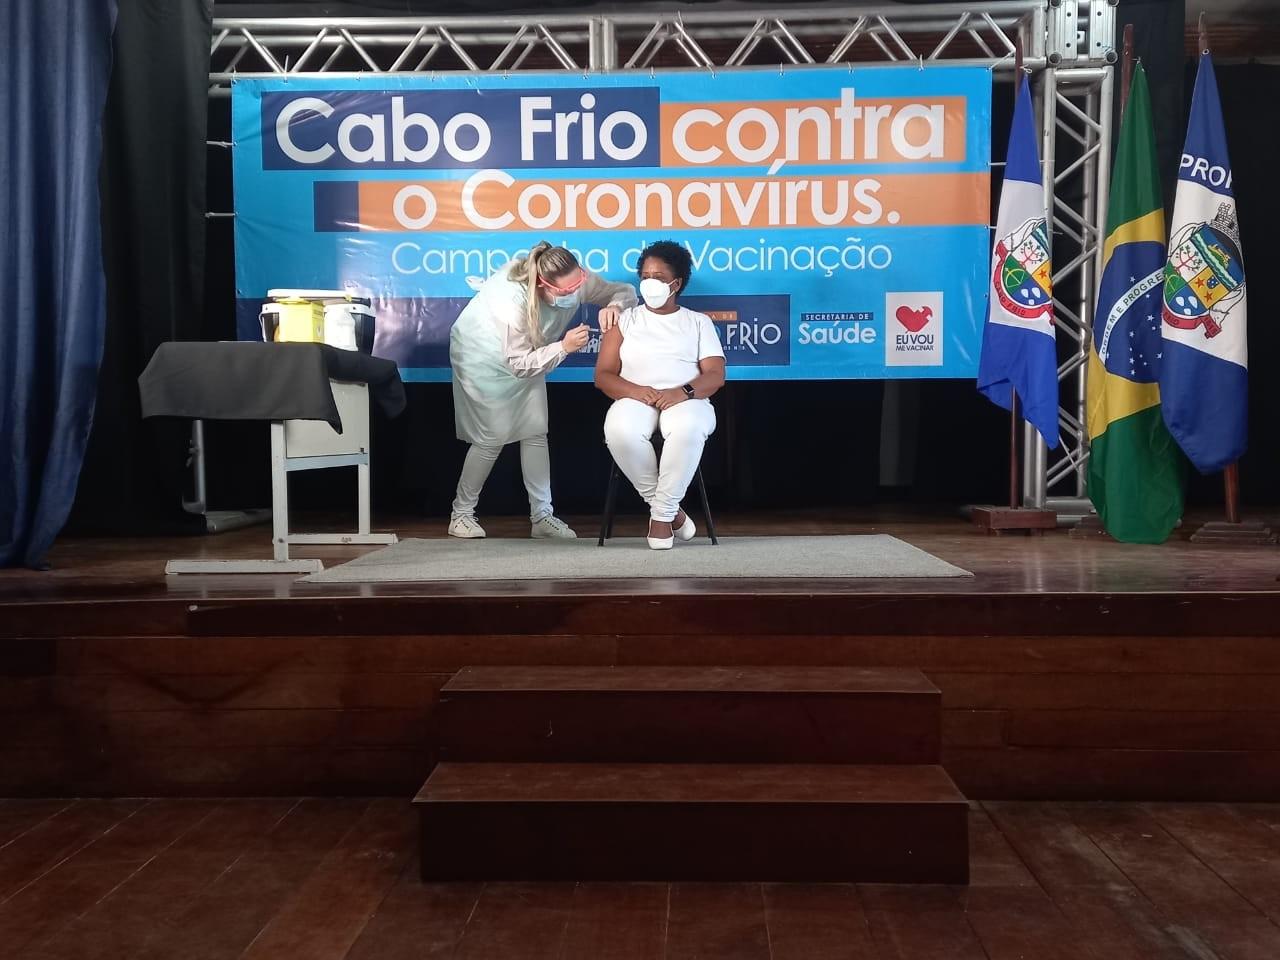 Enfermeira de centro cirúrgico, Teresinha Correia é a primeira vacinada contra a Covid-19 em Cabo Frio, no RJ